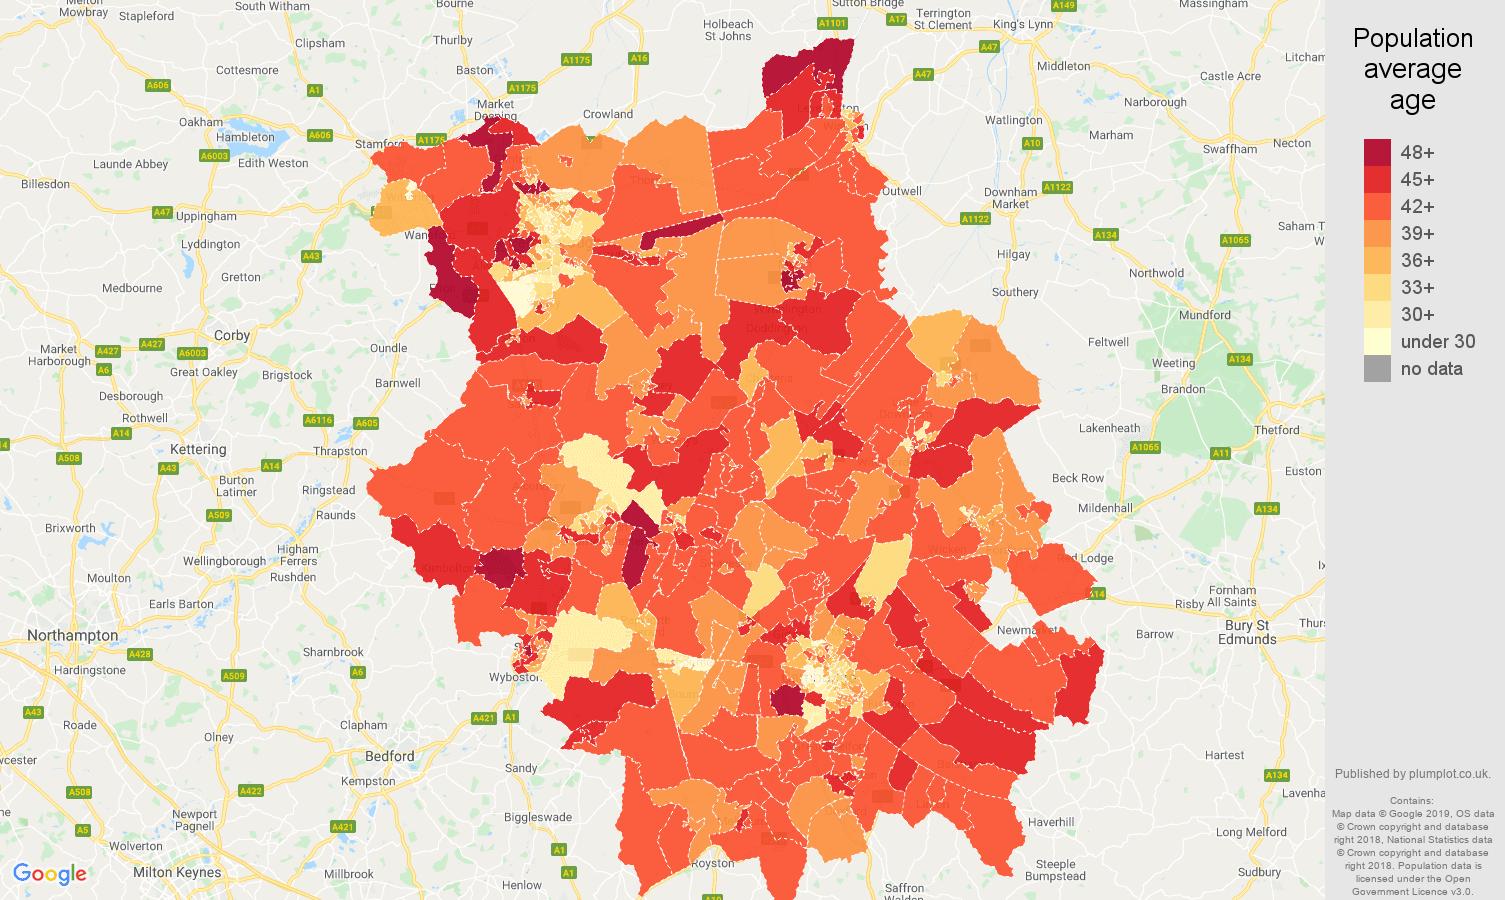 Cambridgeshire population average age map